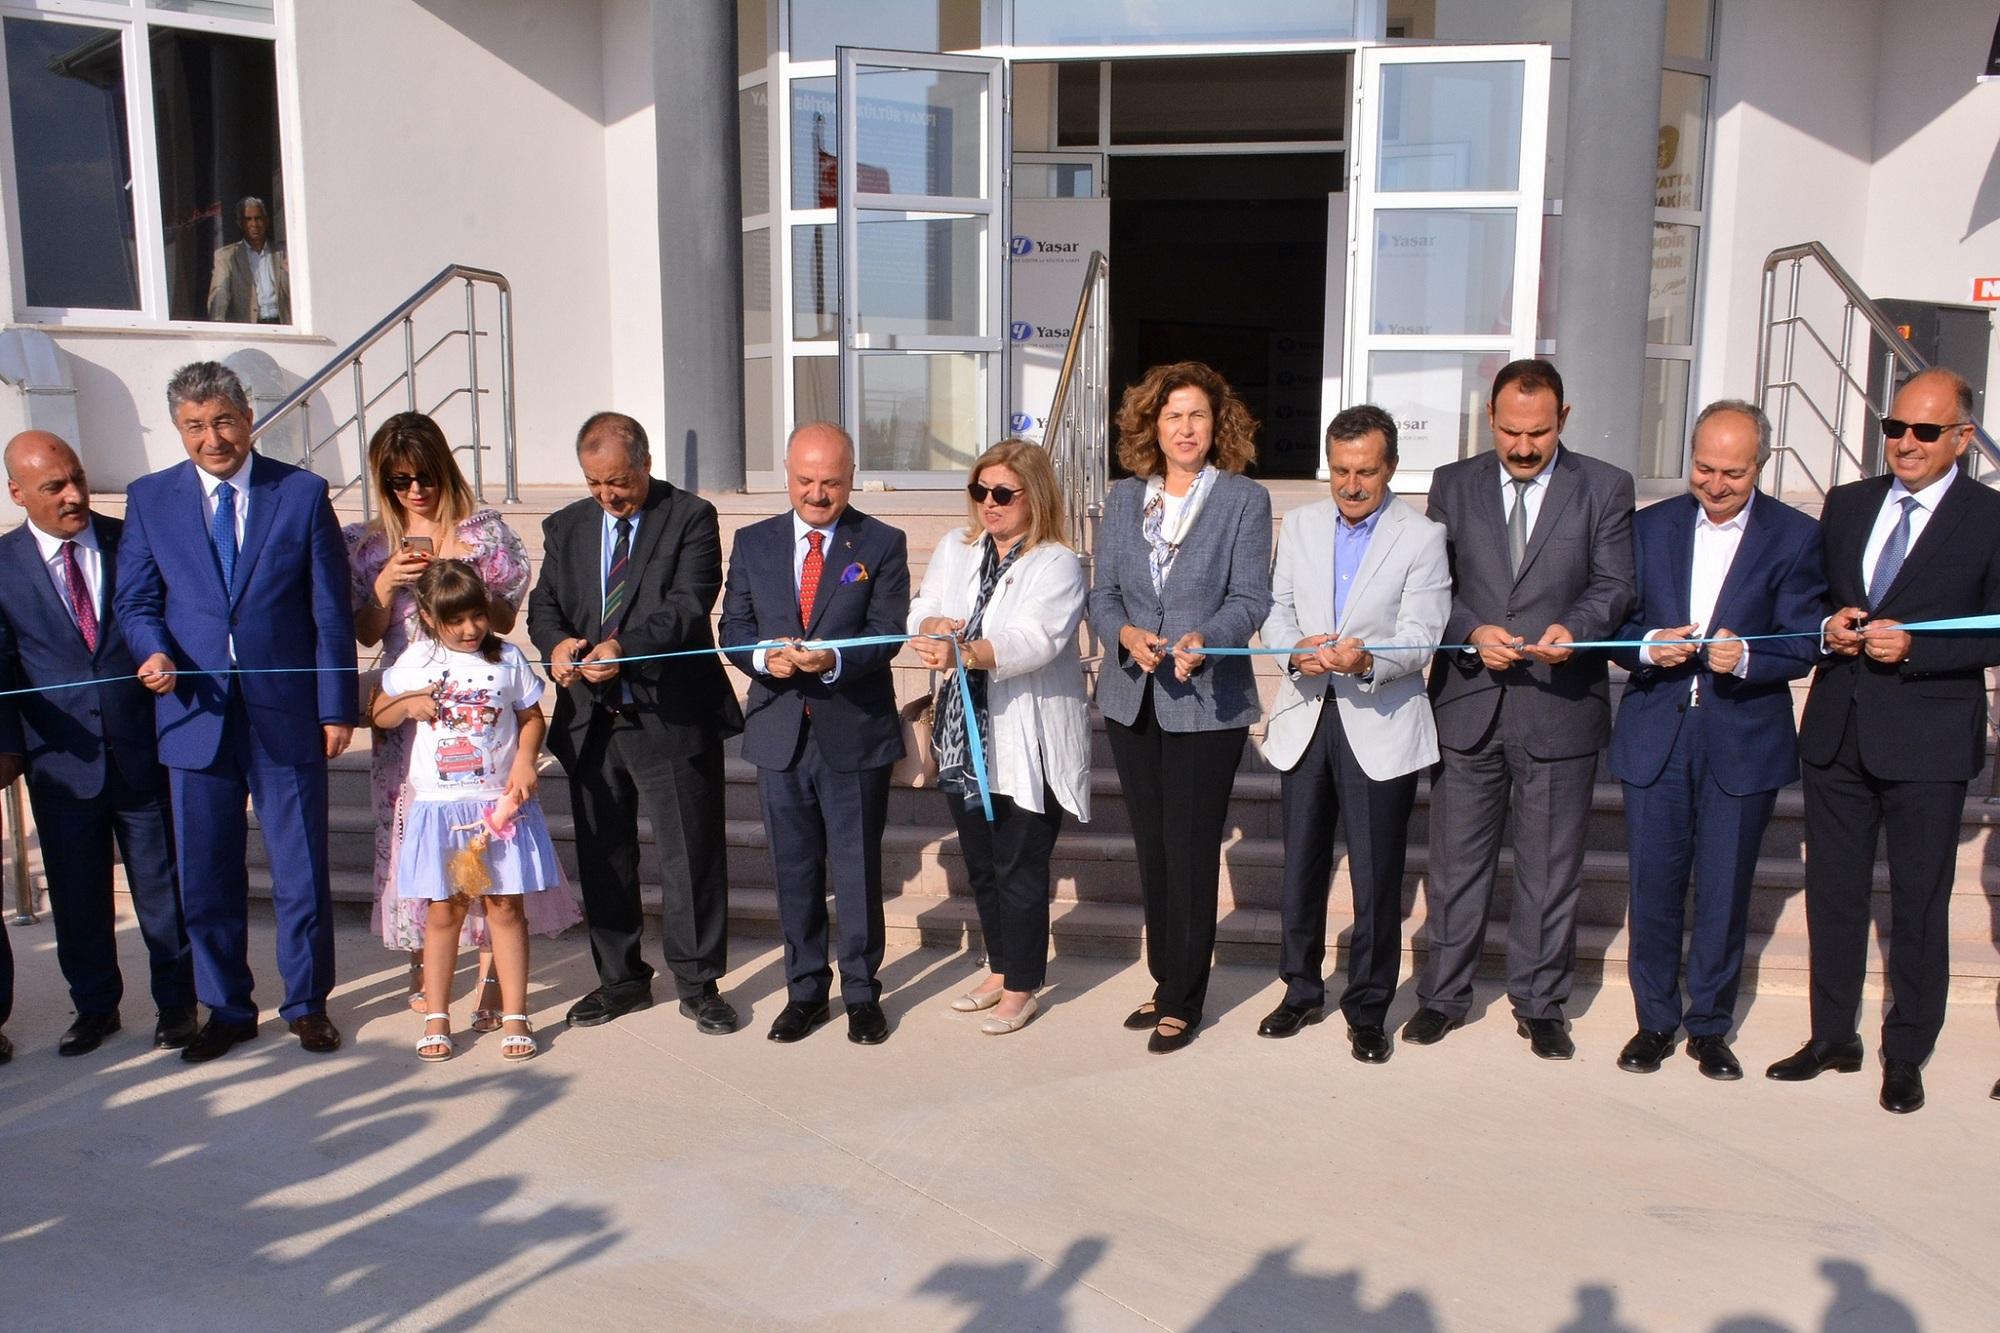 Eskişehir Valisi Özdemir Çakacak; Yaşar Holding Yönetim Kurulu Başkanı Selim Yaşar, Yaşar Eğitim Ve